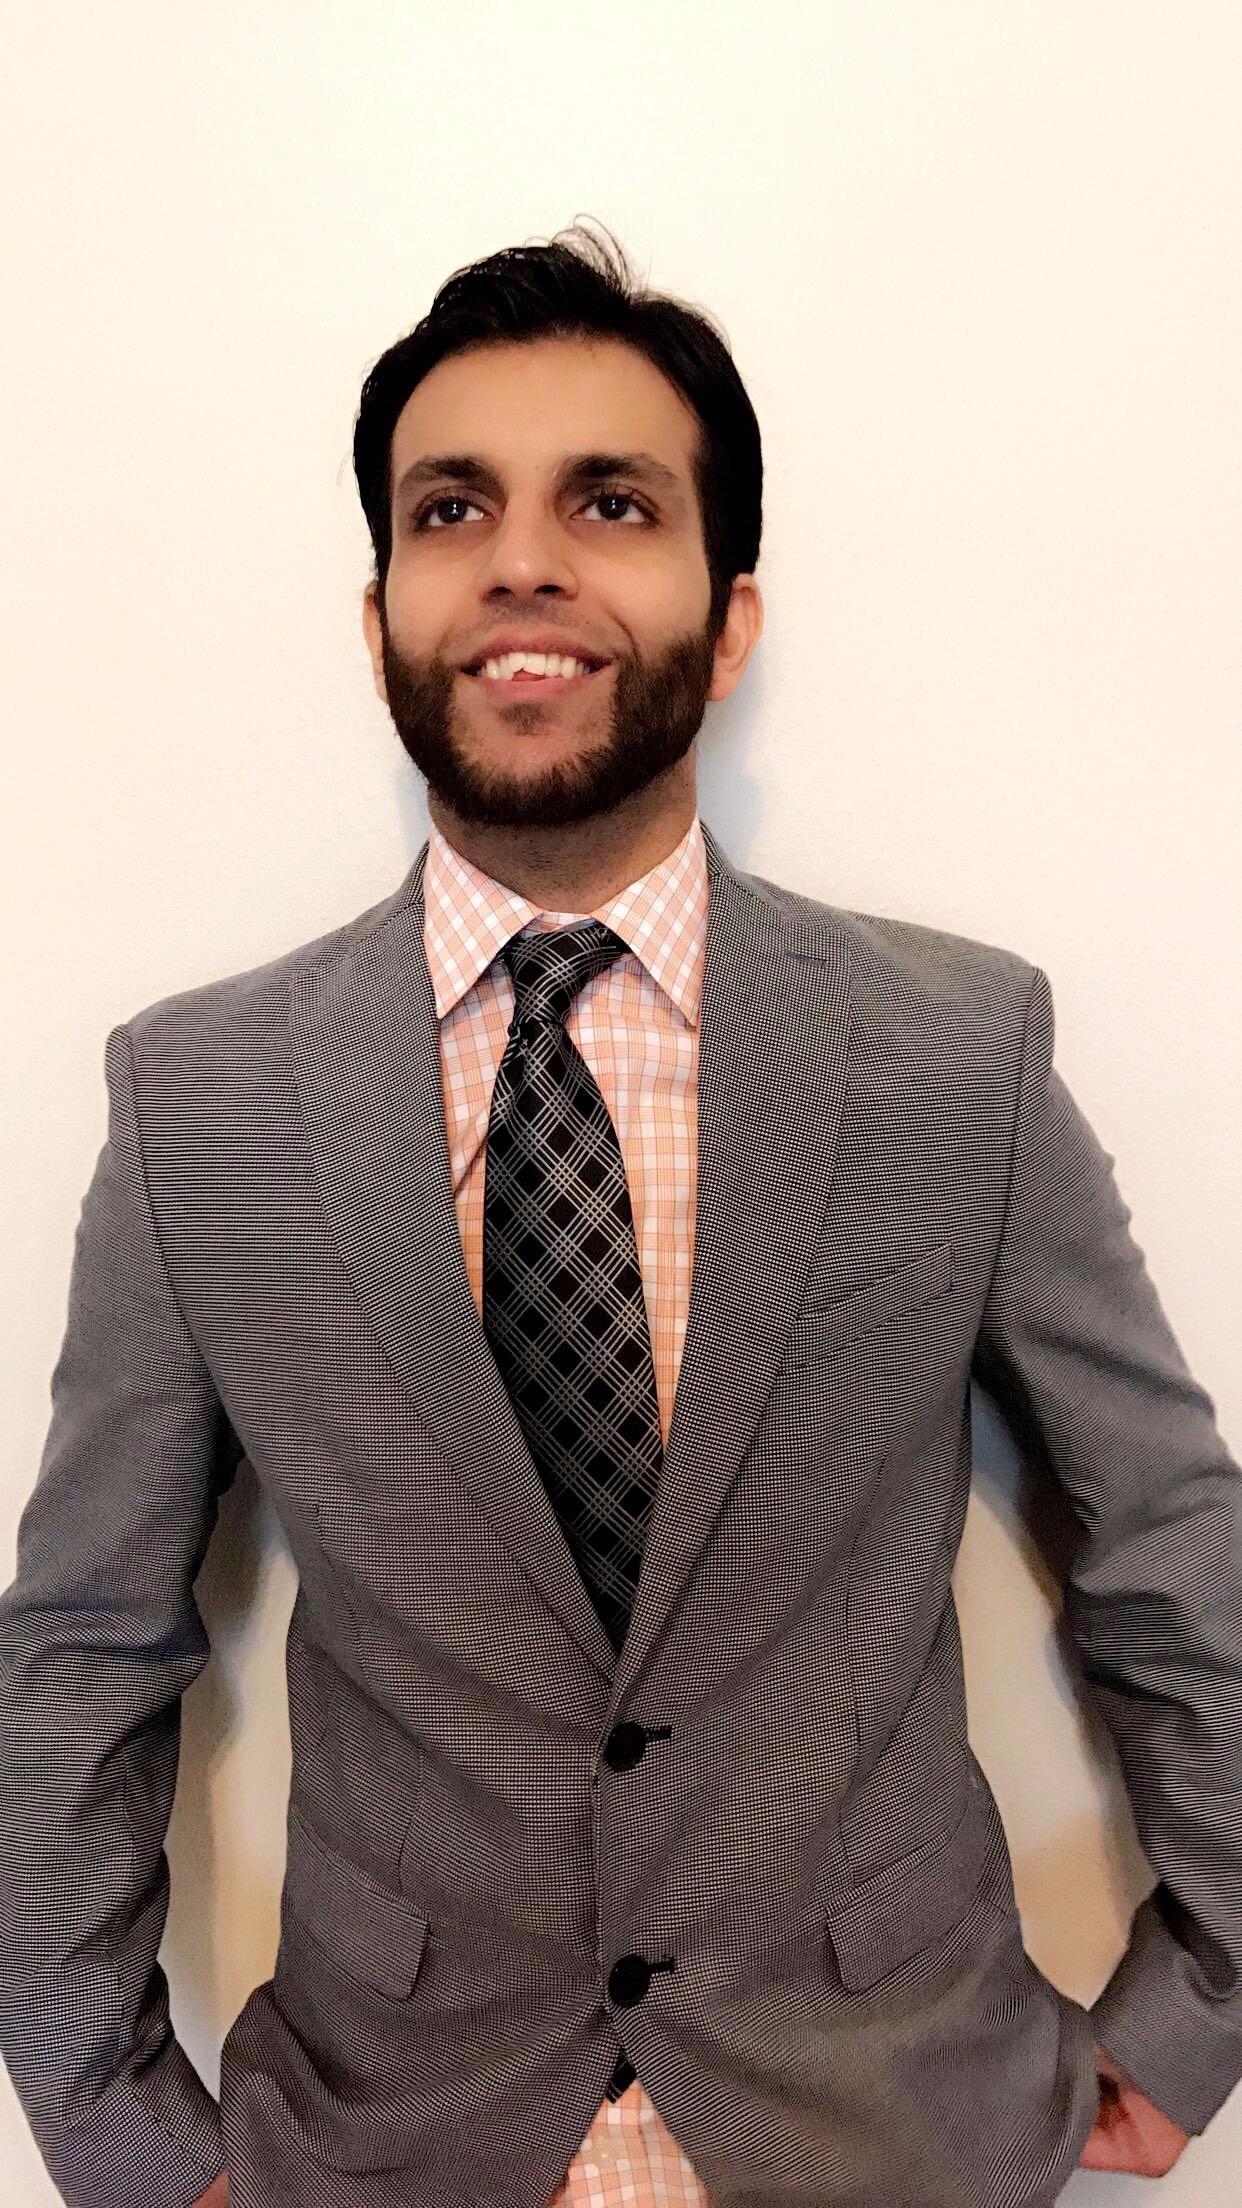 Abdul Siraj